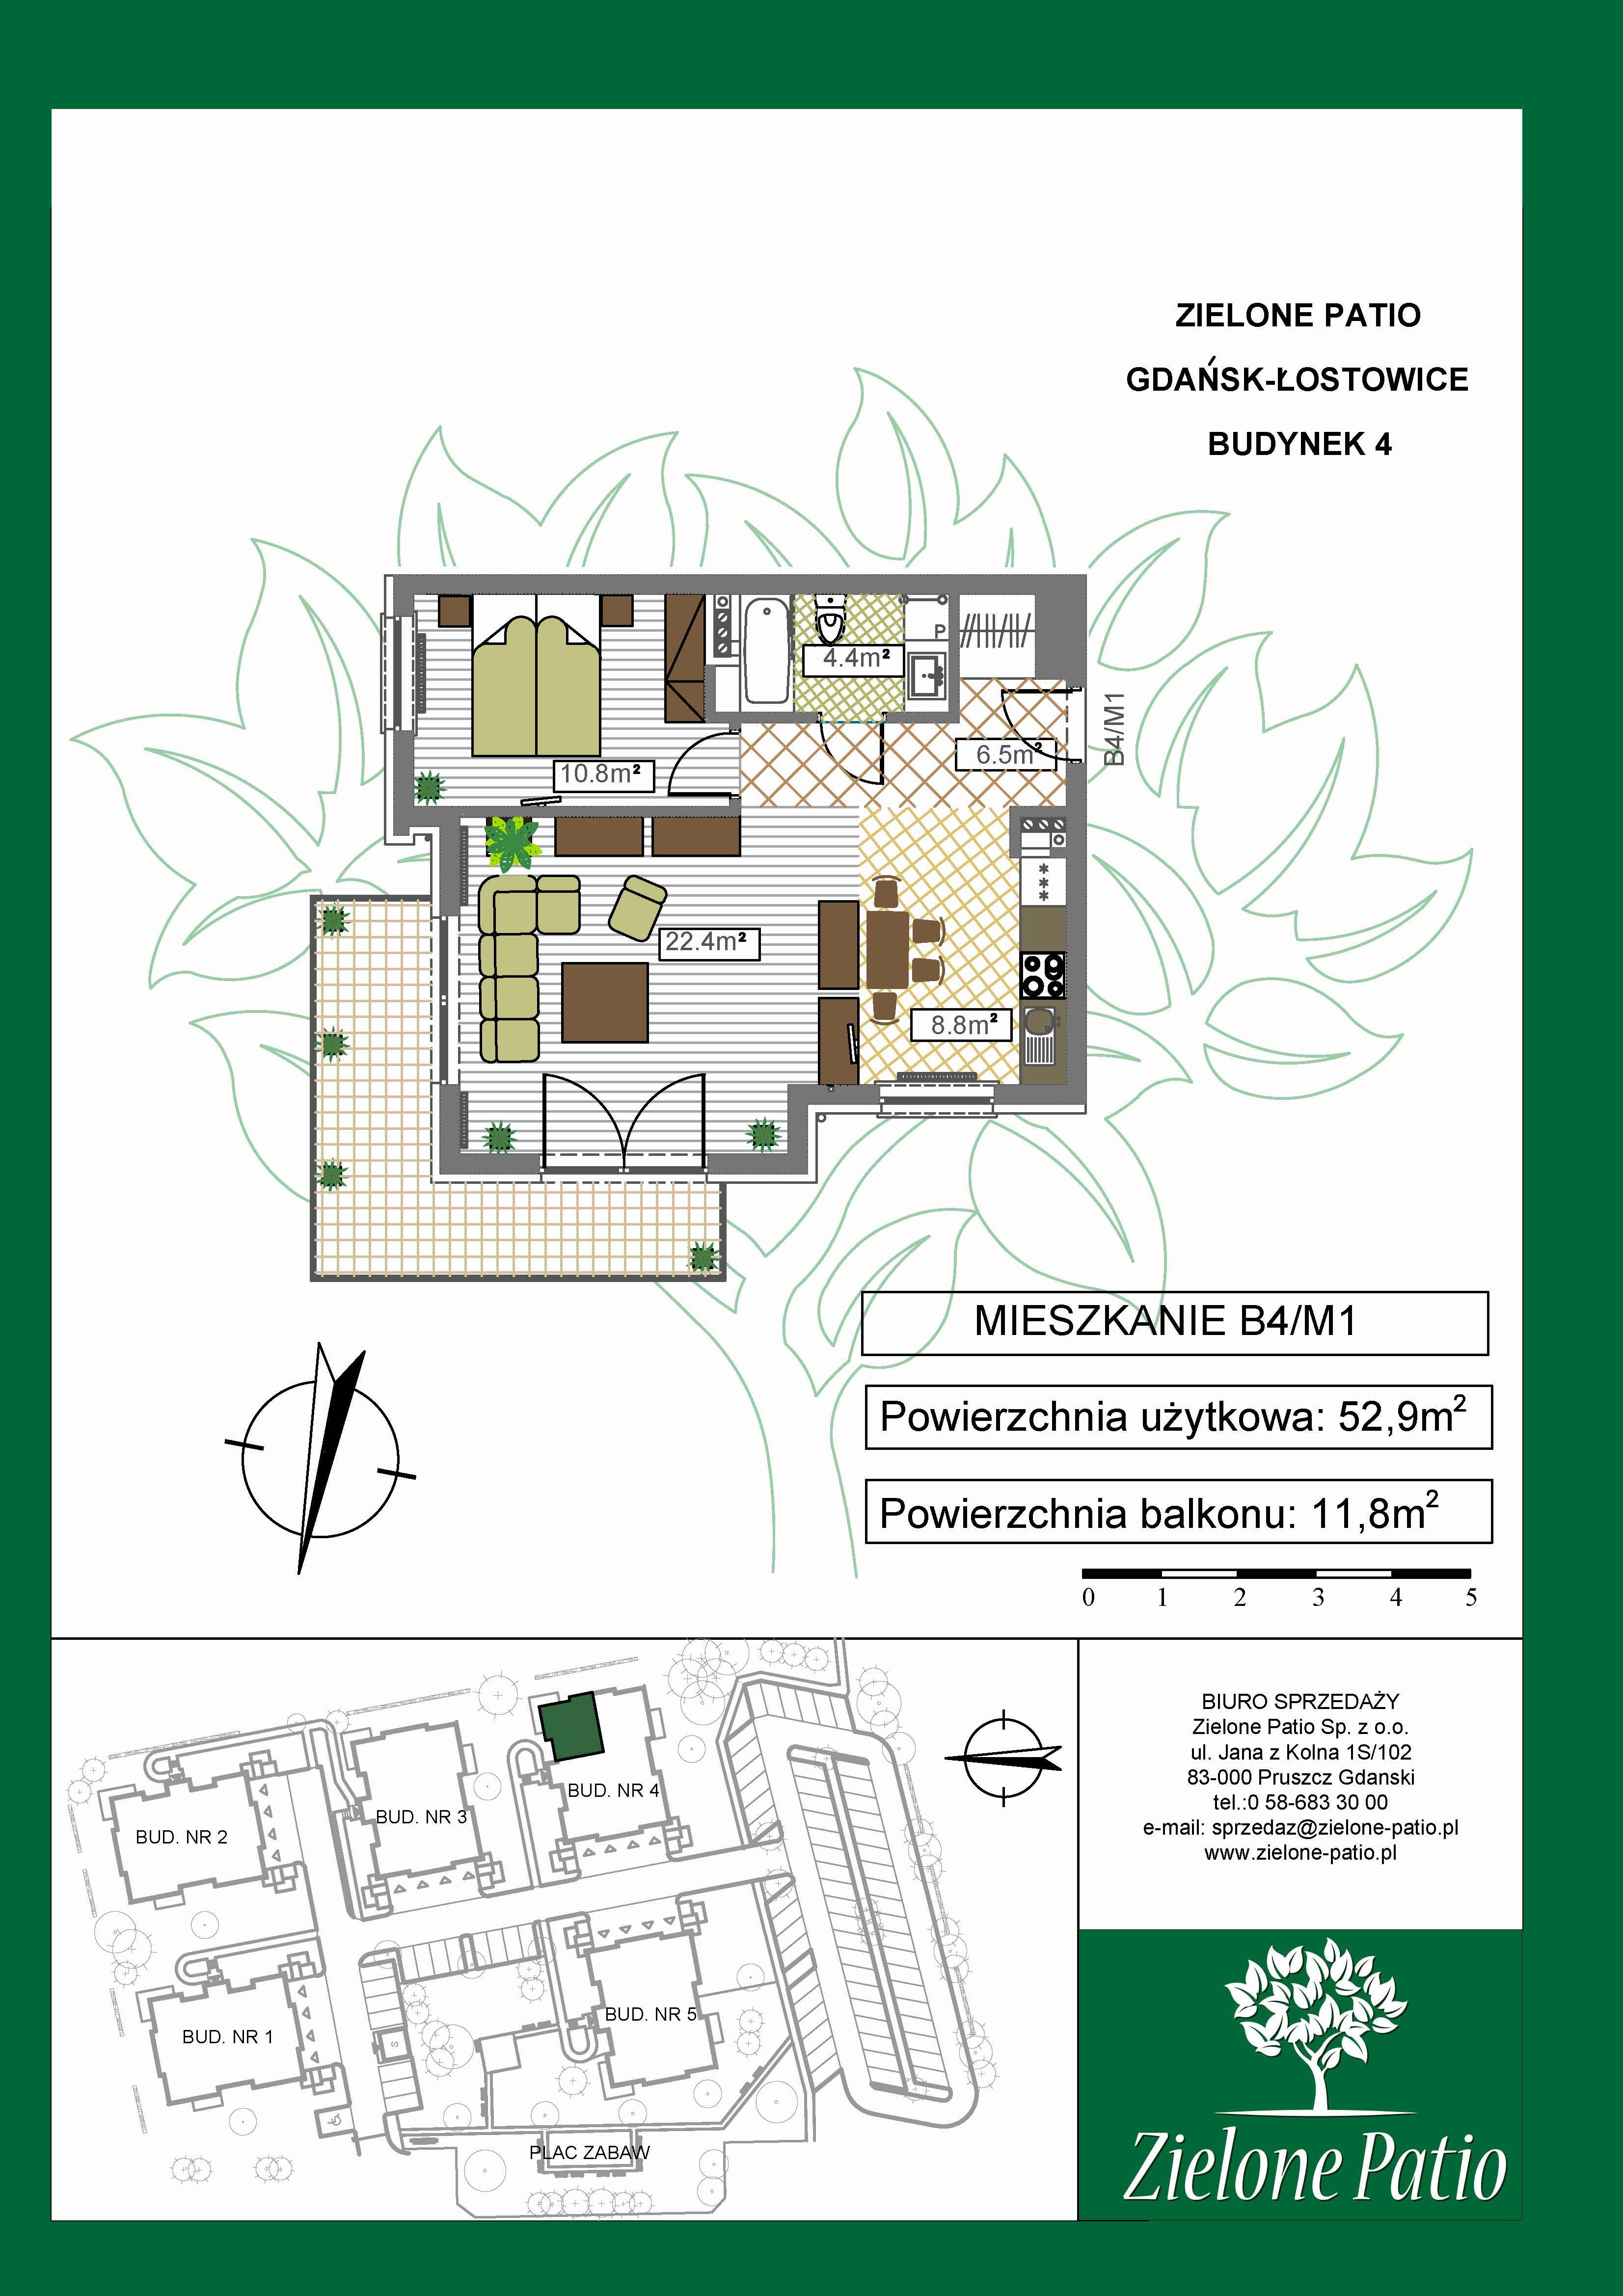 Plan M1 Zielone Patio, Budynek nr 4